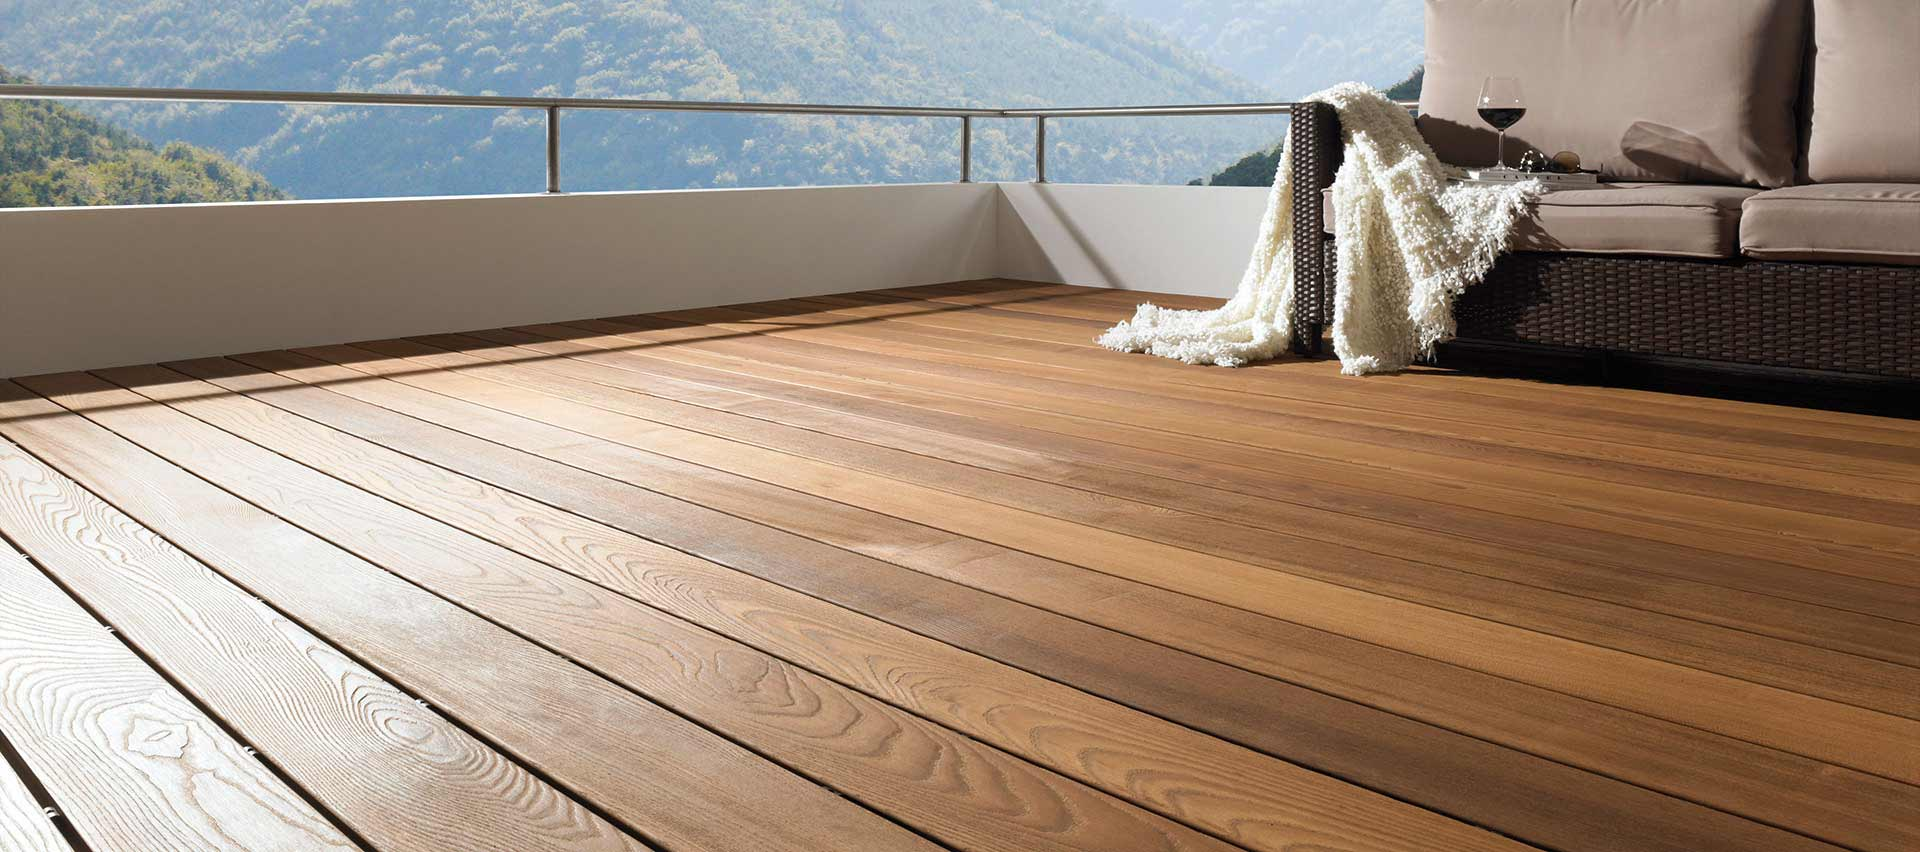 Gut Terrassendielen | Große Auswahl Bei Holz Hauff In Leingarten